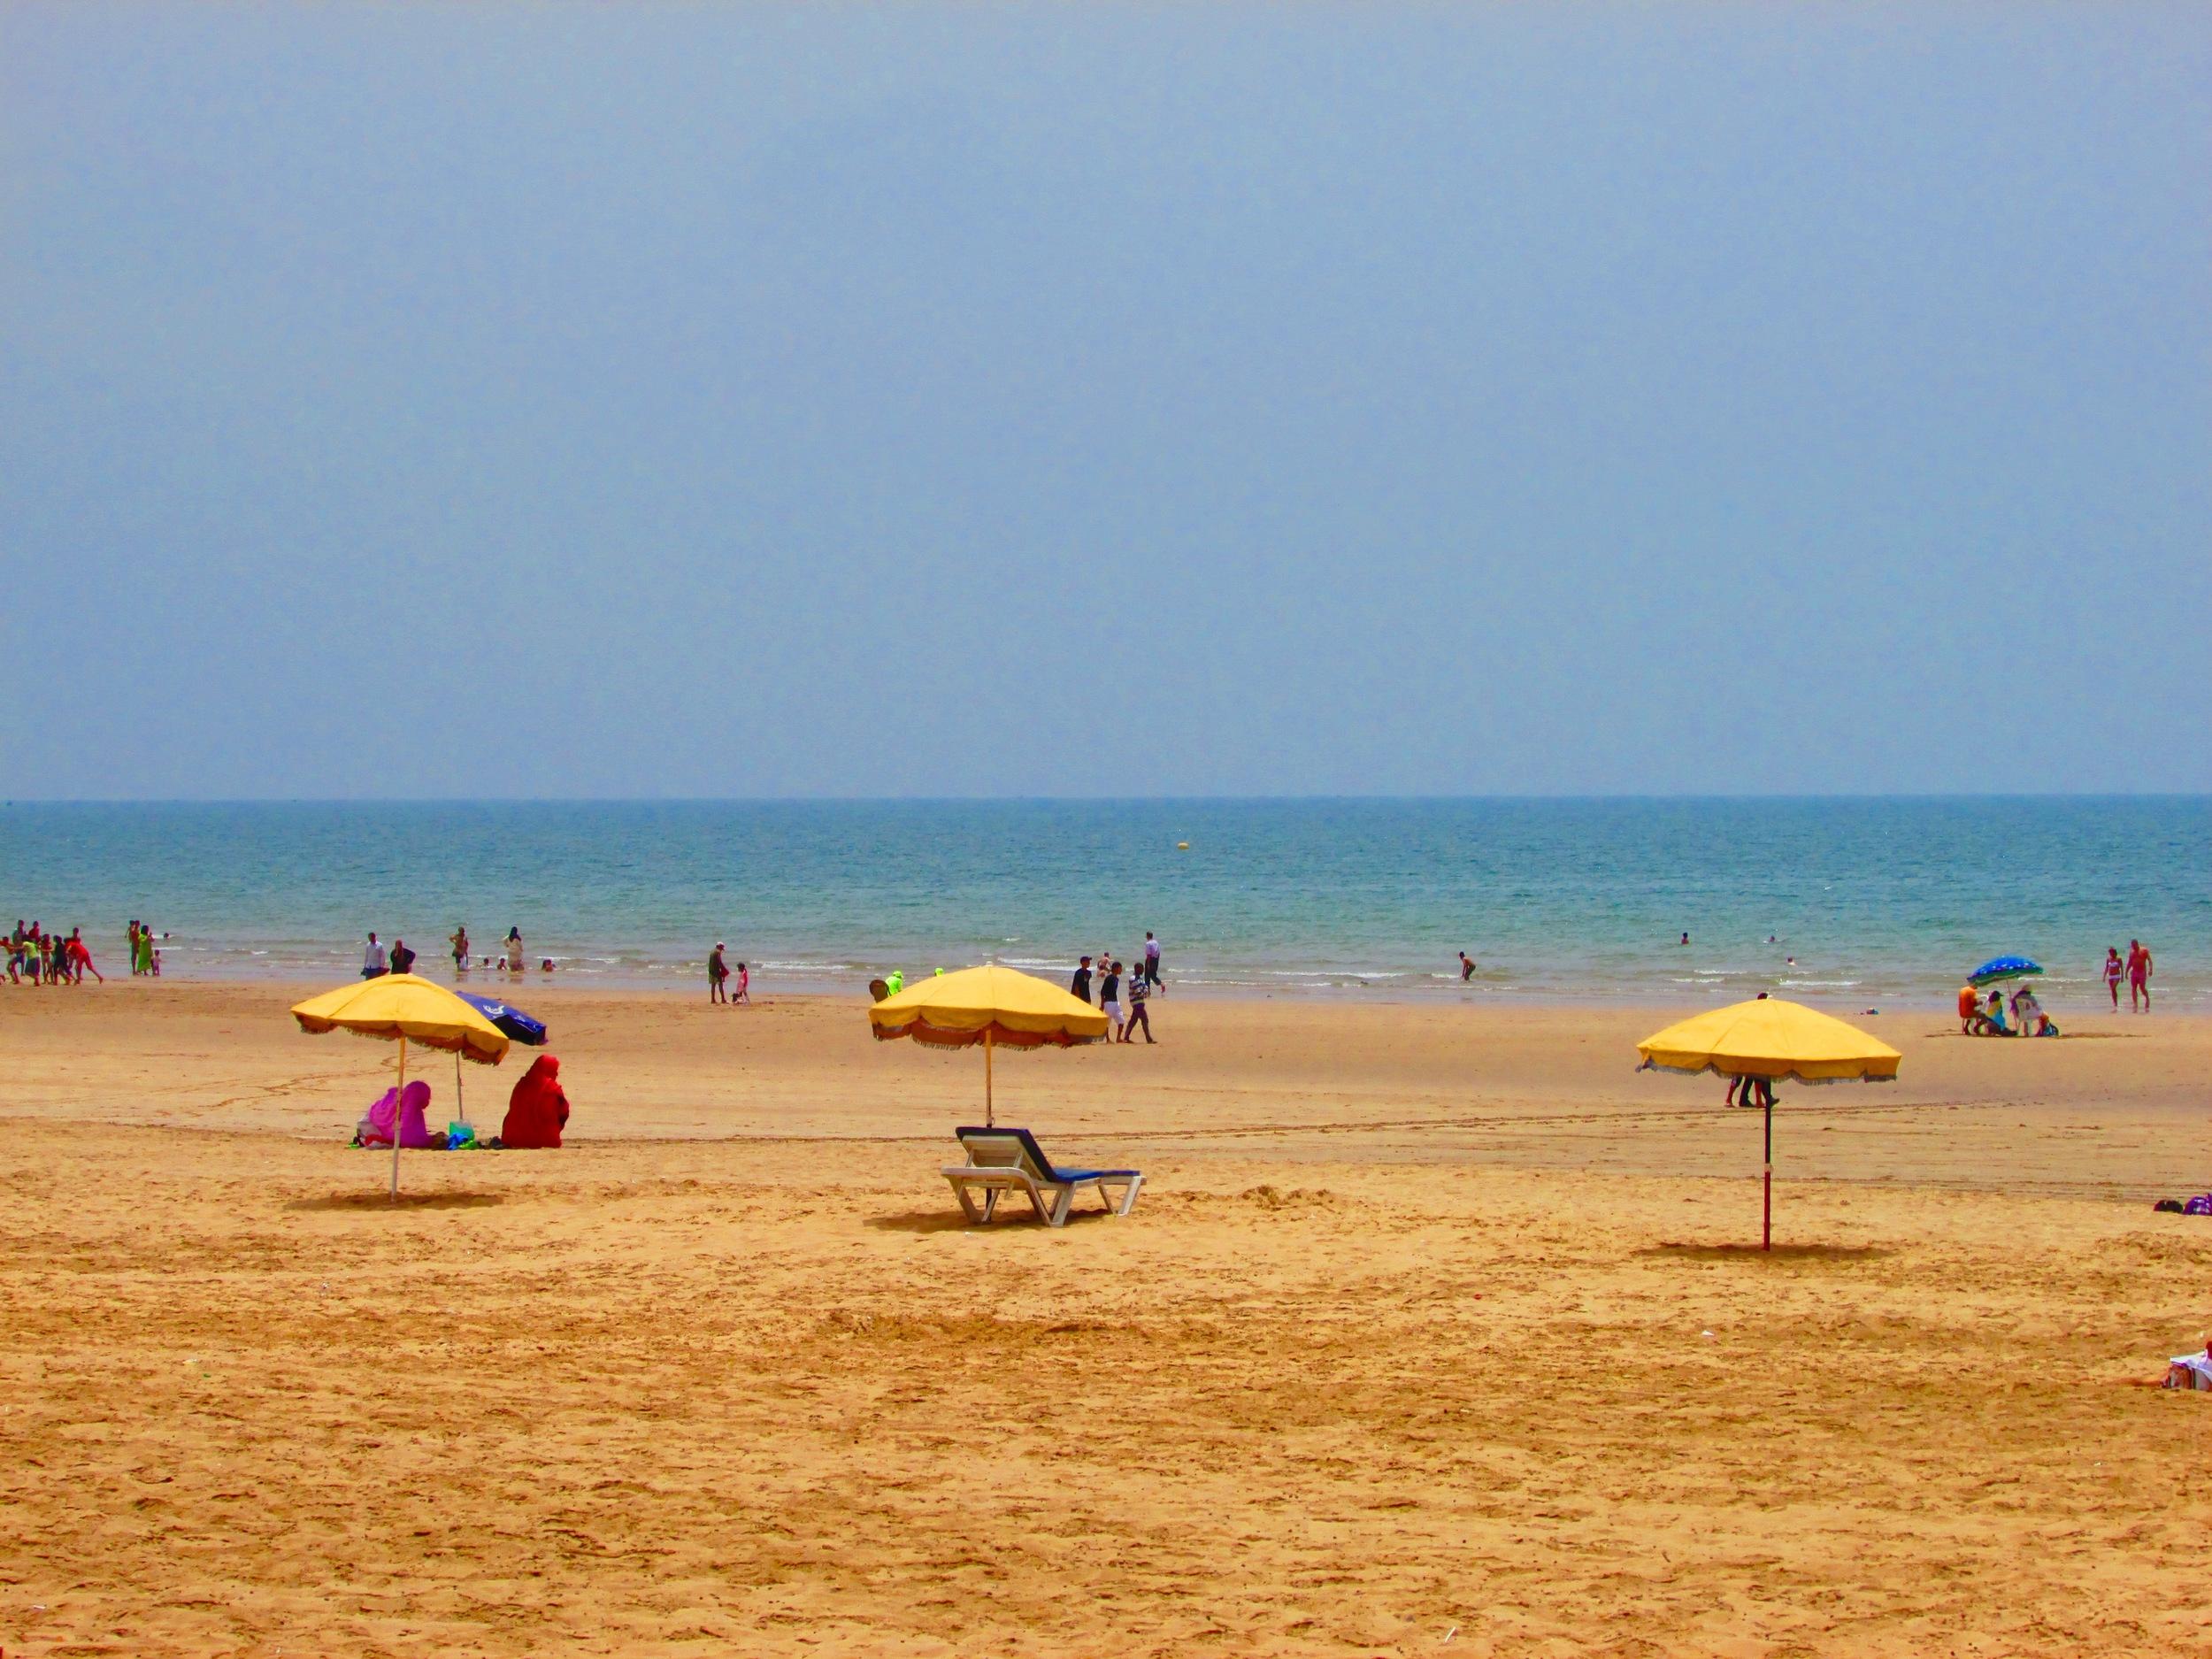 The beach in Agadir, Morocco